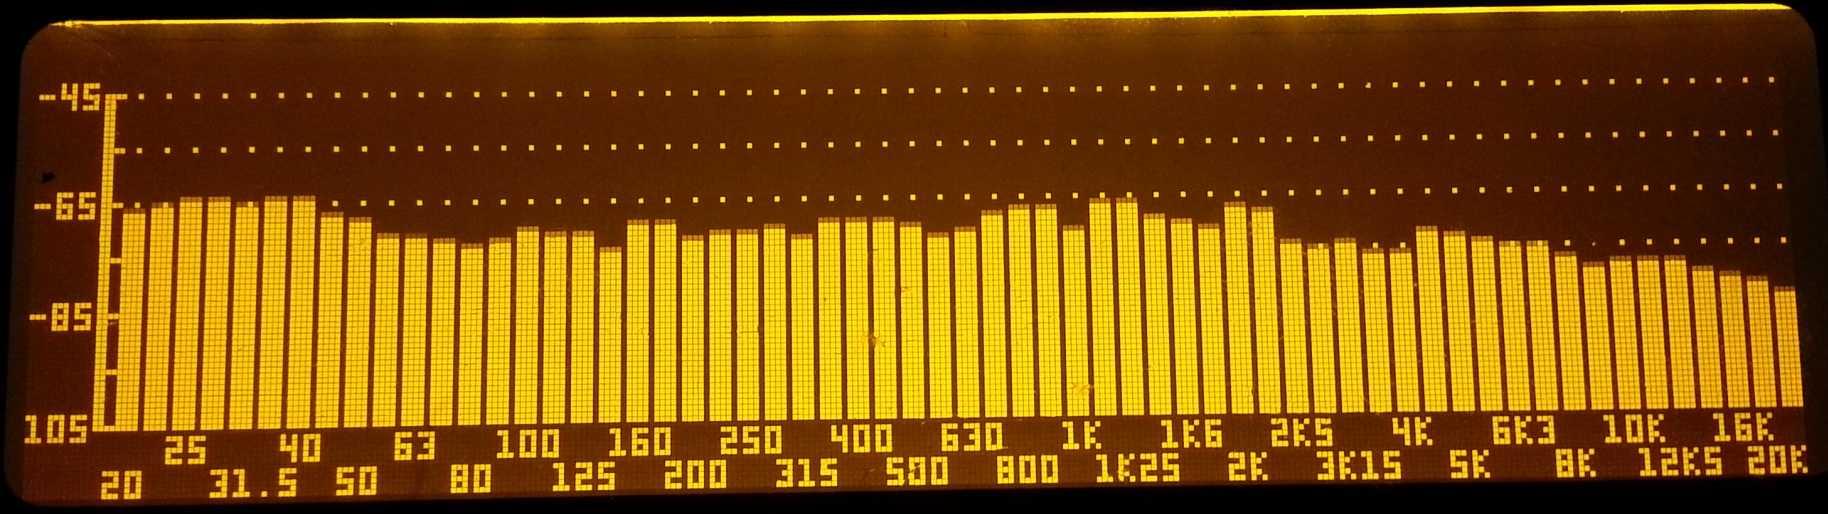 La curva de frecuencias del RTA